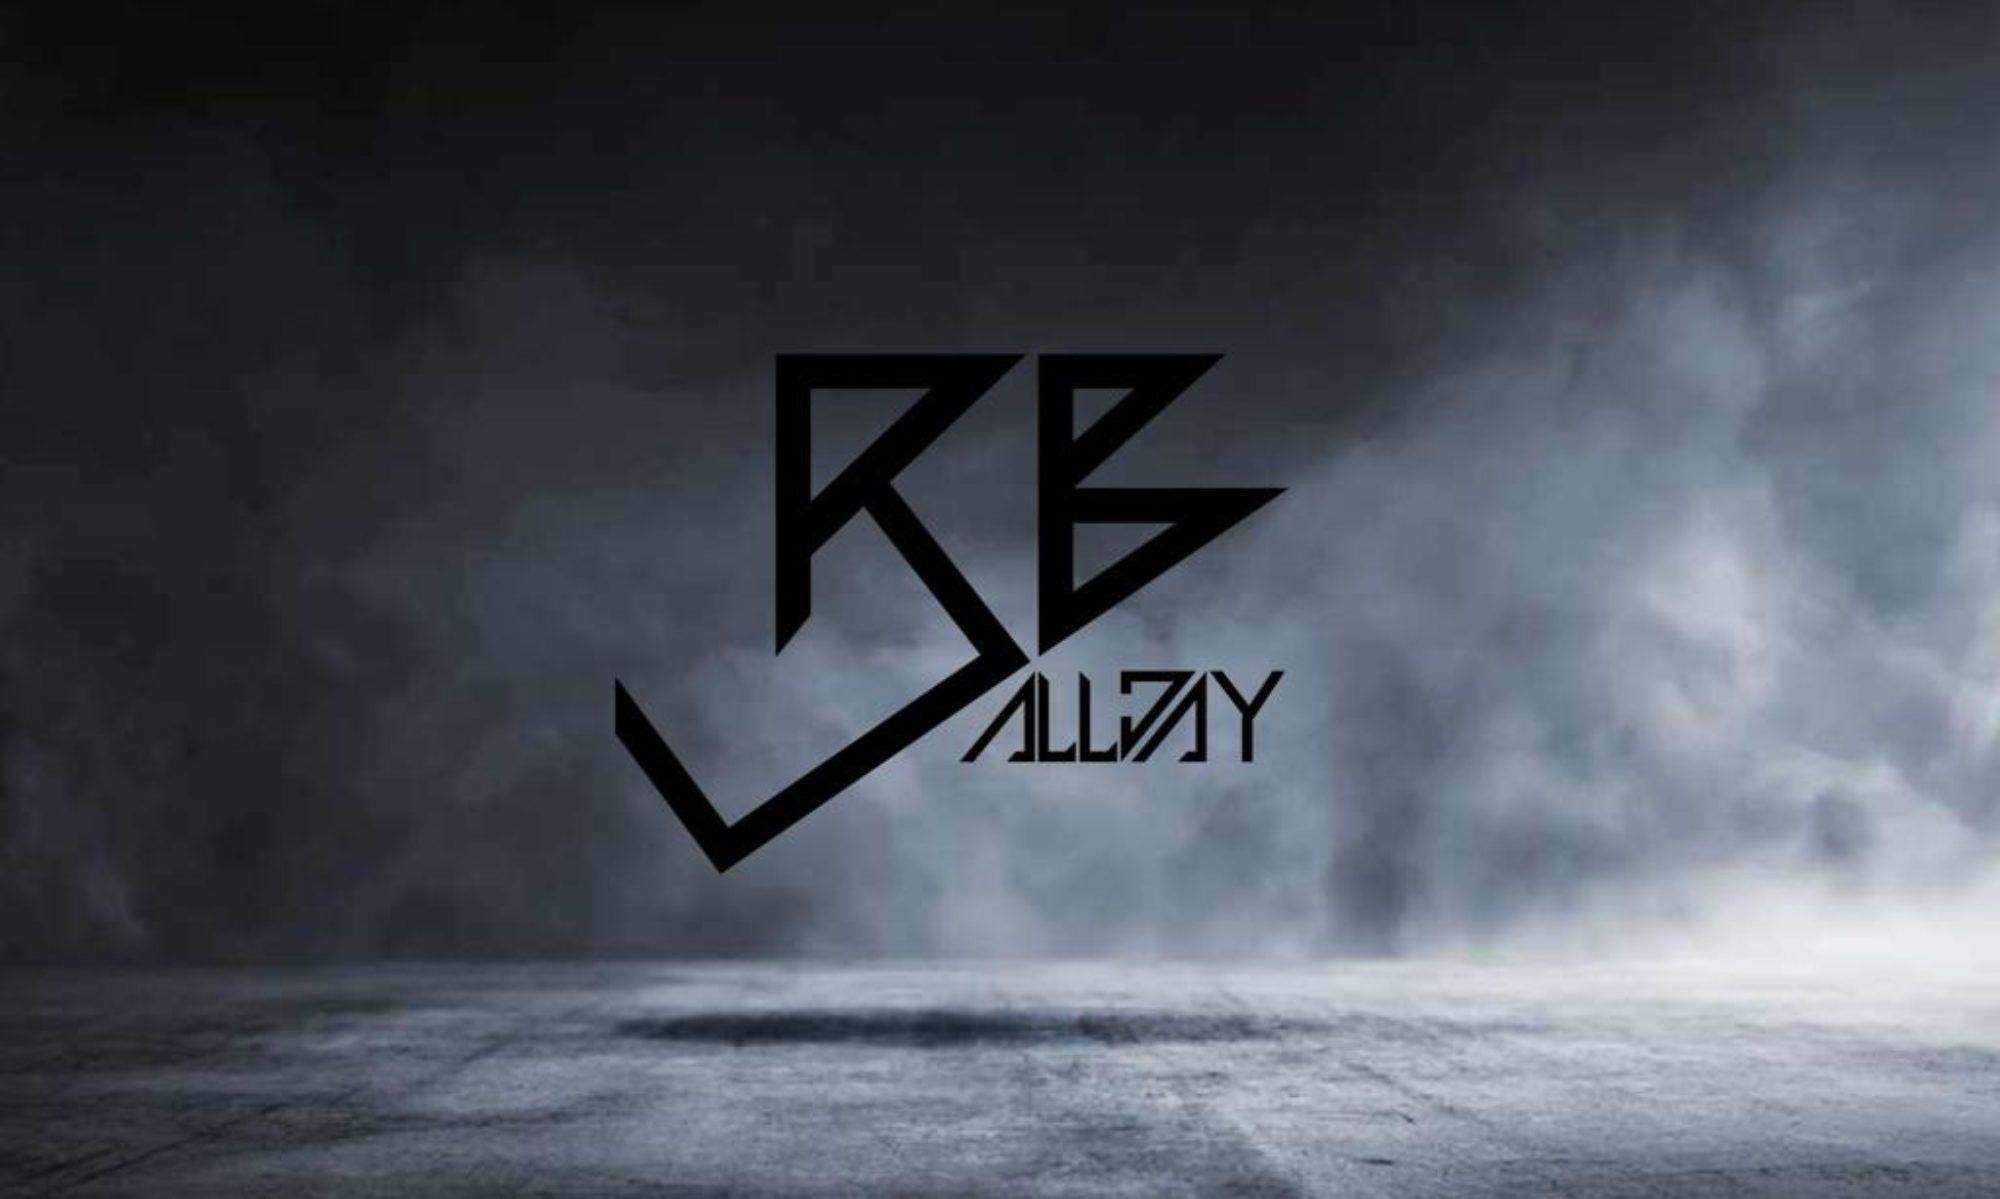 RB allday entertainment